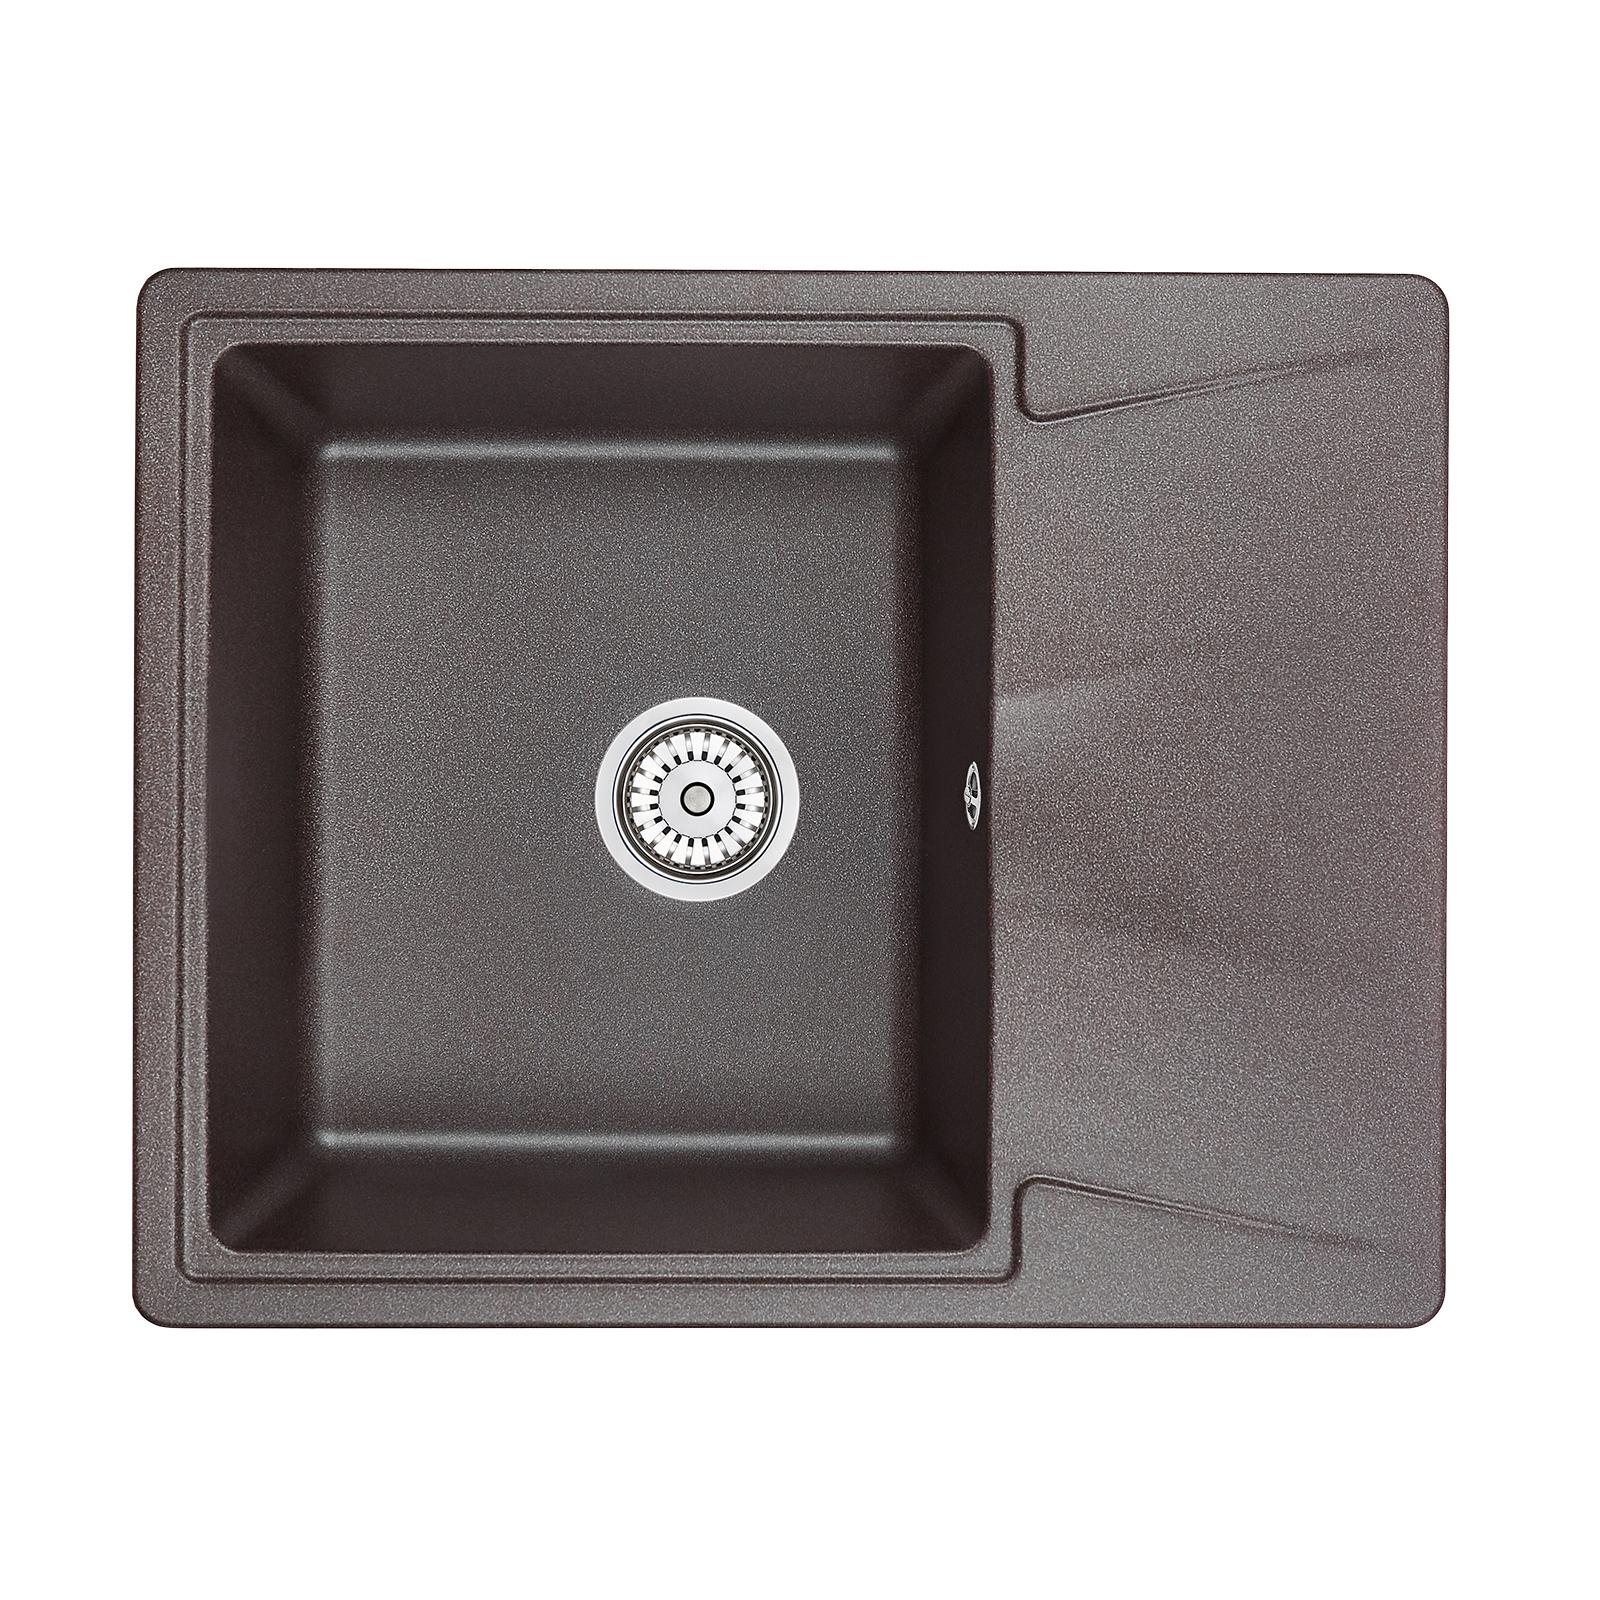 Кухонная мойка Granula GR-6201 620х500 эспрессо кухонная мойка granula gr 6201 620х500 песок